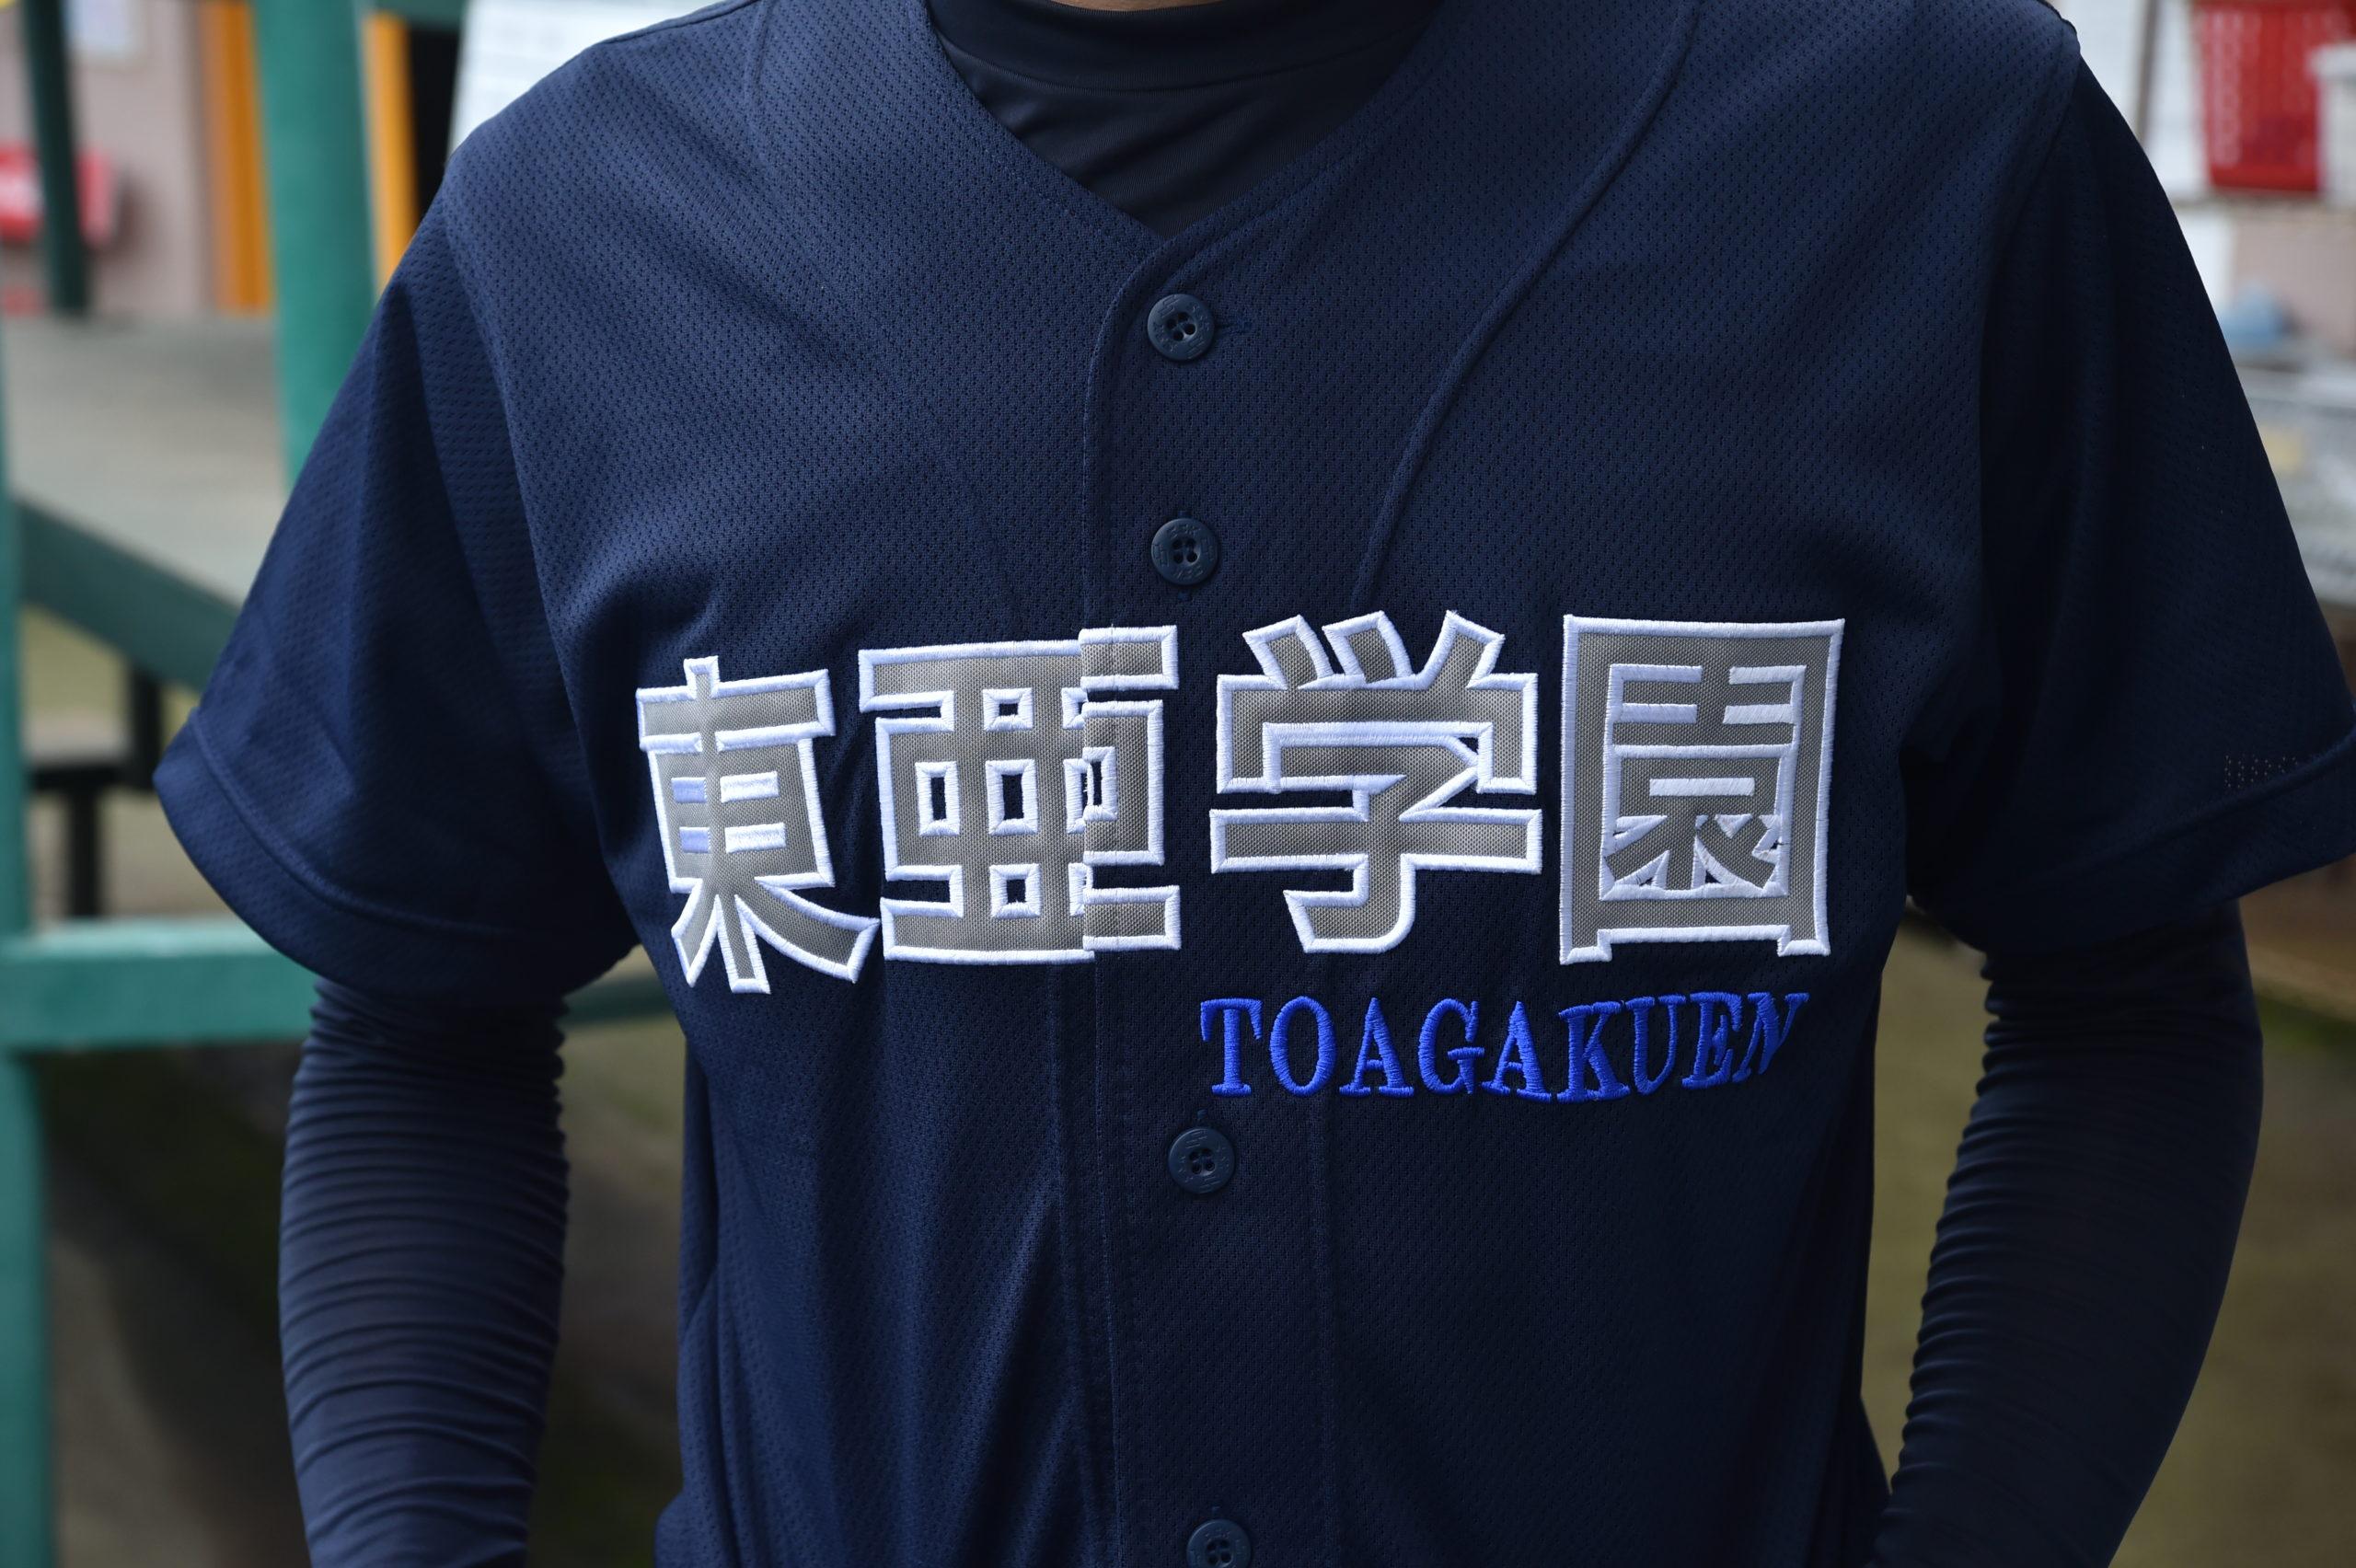 【東亜学園 野球部】『練習試合用新ユニフォーム』コラム